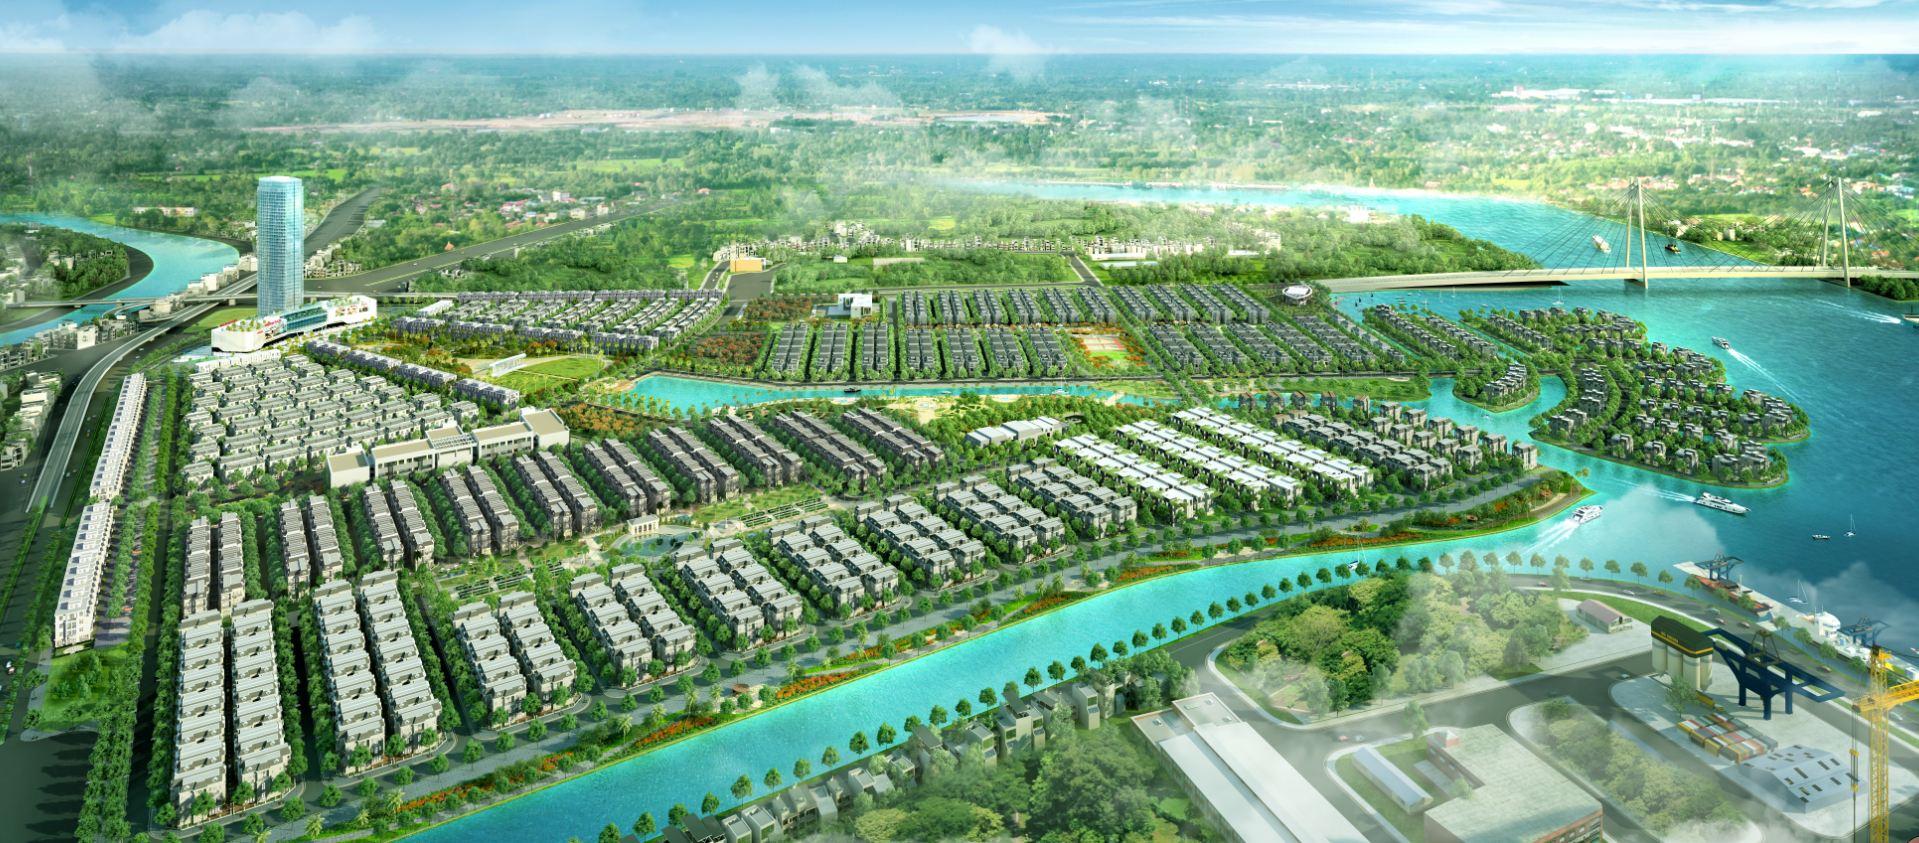 Dự án khu đô thị Nam Đà Lạt - Dự án nghĩ dưỡng Đại Ninh Đà Lạt